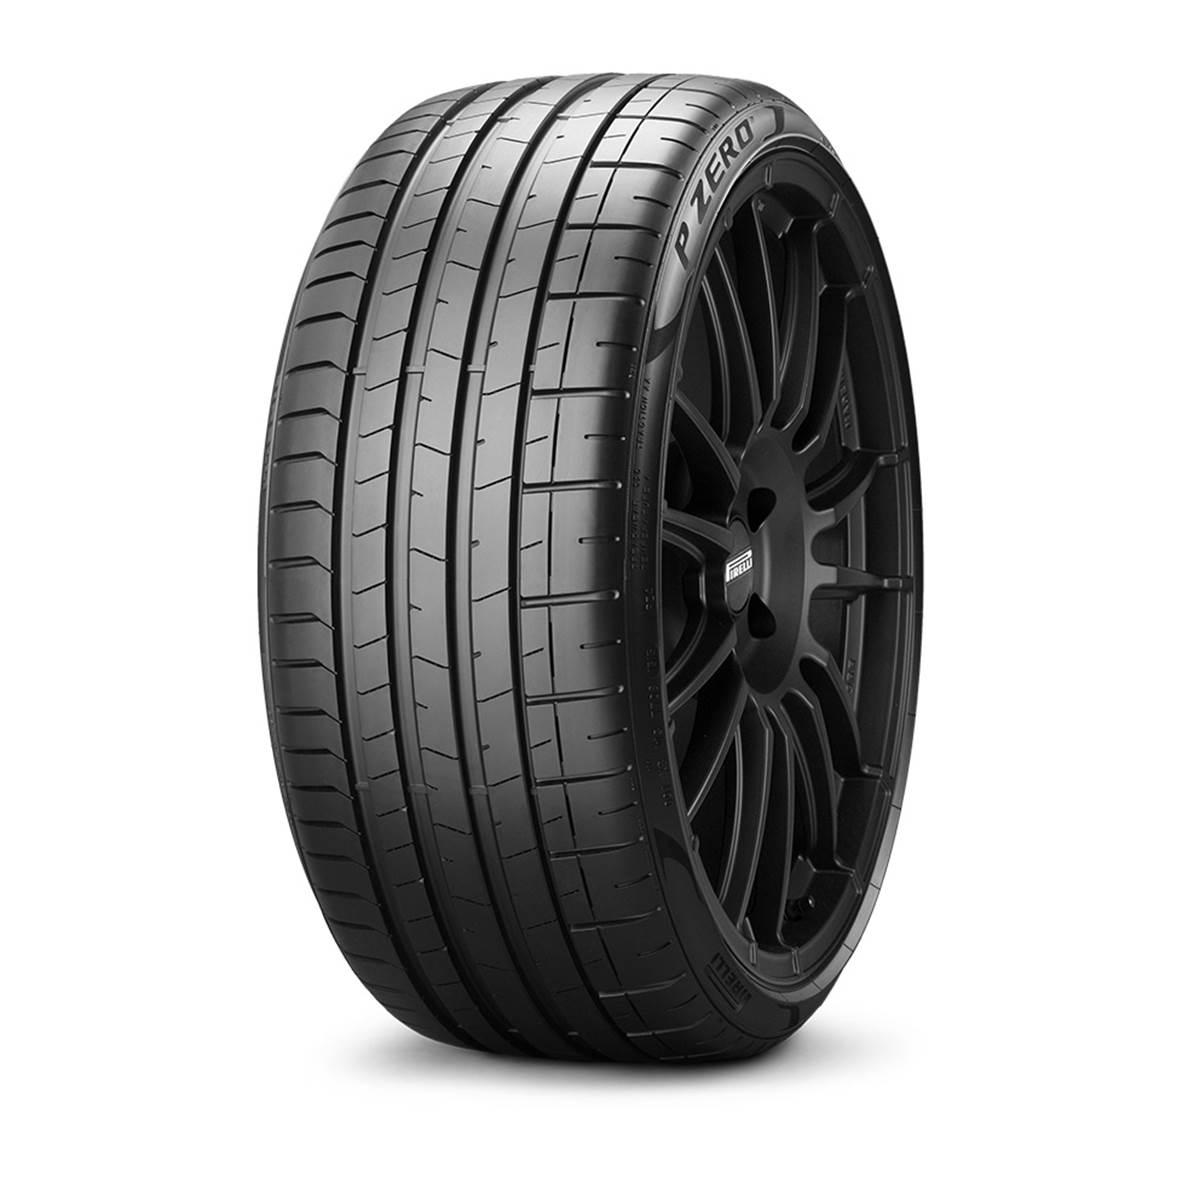 Pneu Pirelli 235/40R19 92Y Pzero